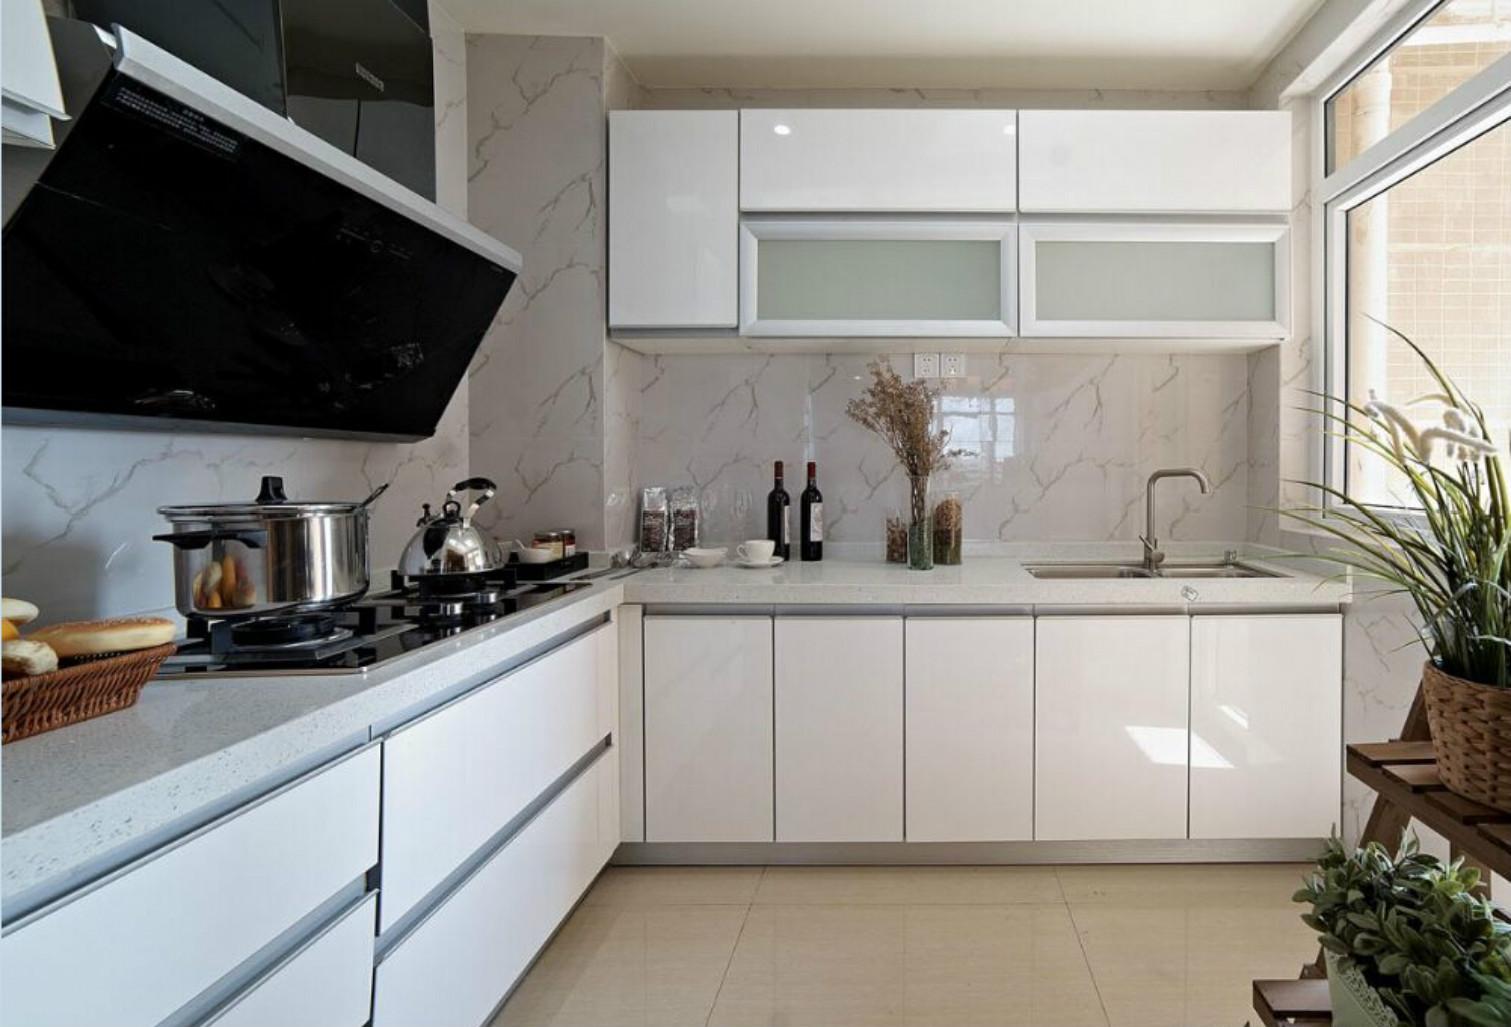 厨房的装修简单实用,白色的大理石台面。易于清洗整理。